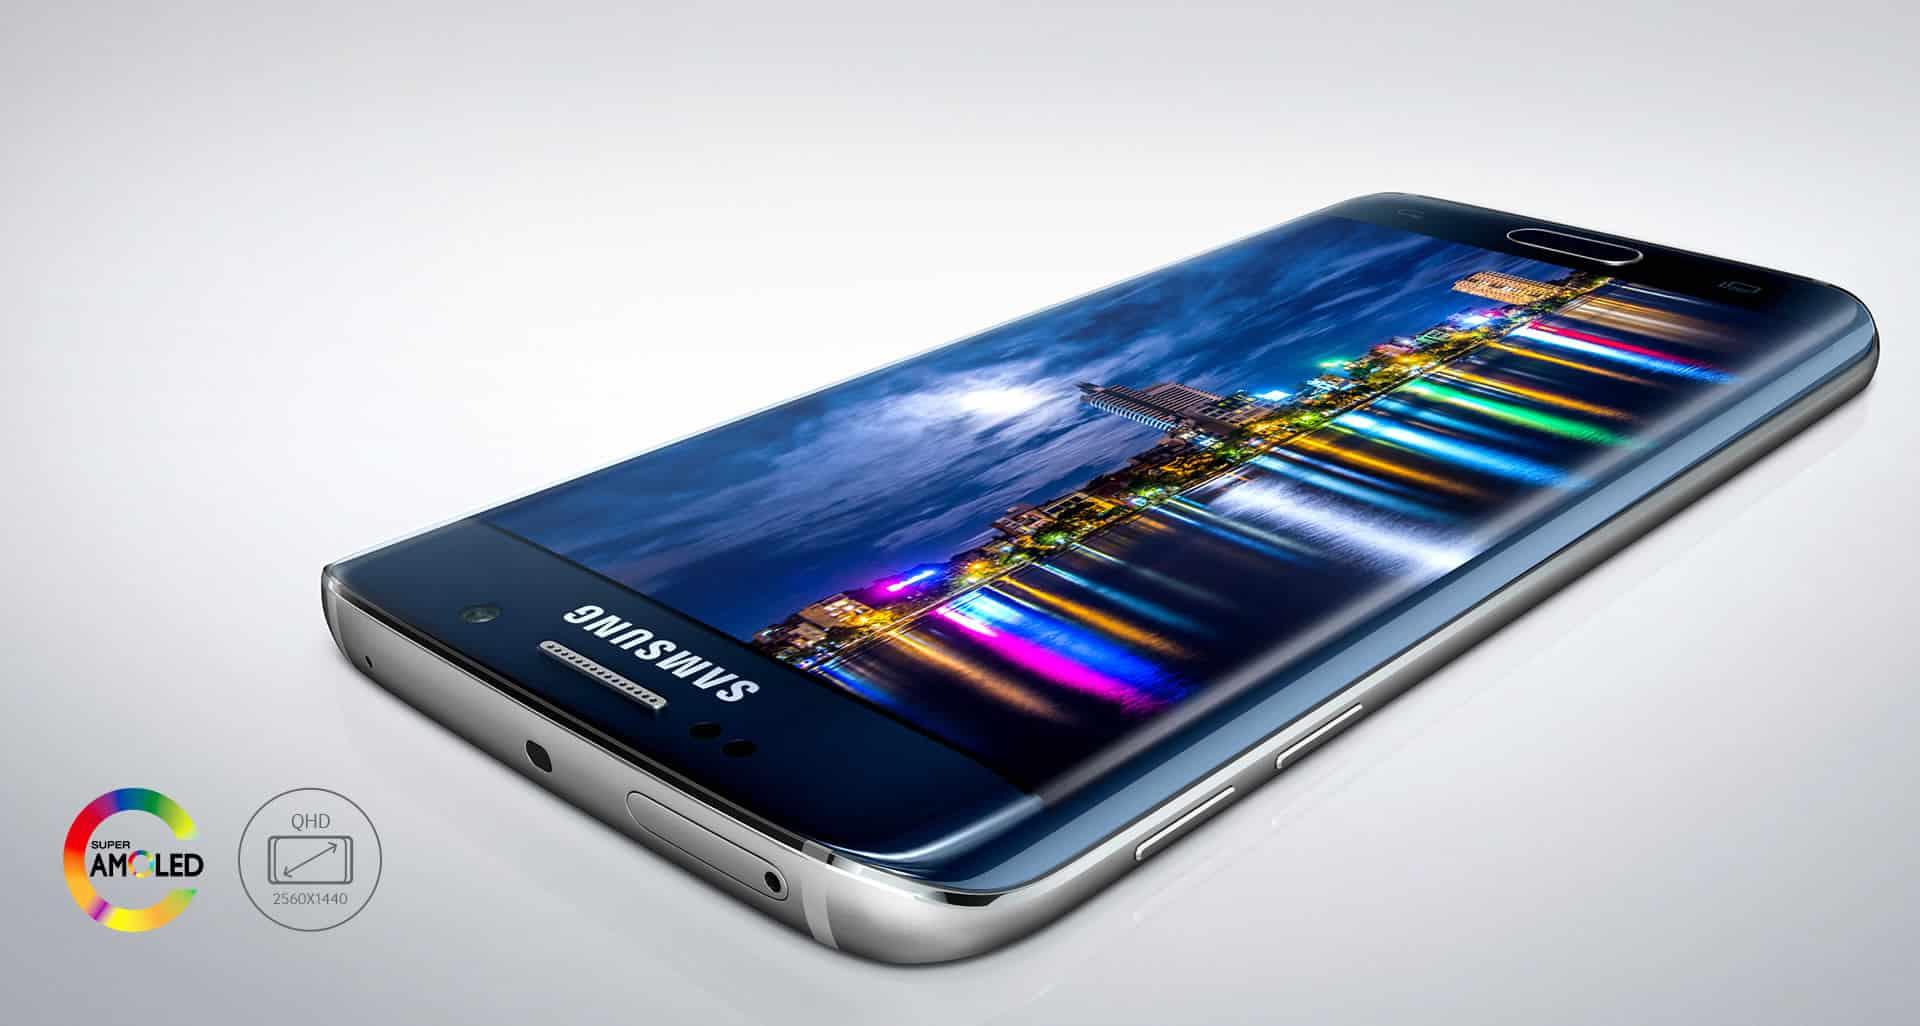 La venta oficial de los Galaxy S6 y S6 edge, está planeada para el 10 de abril.